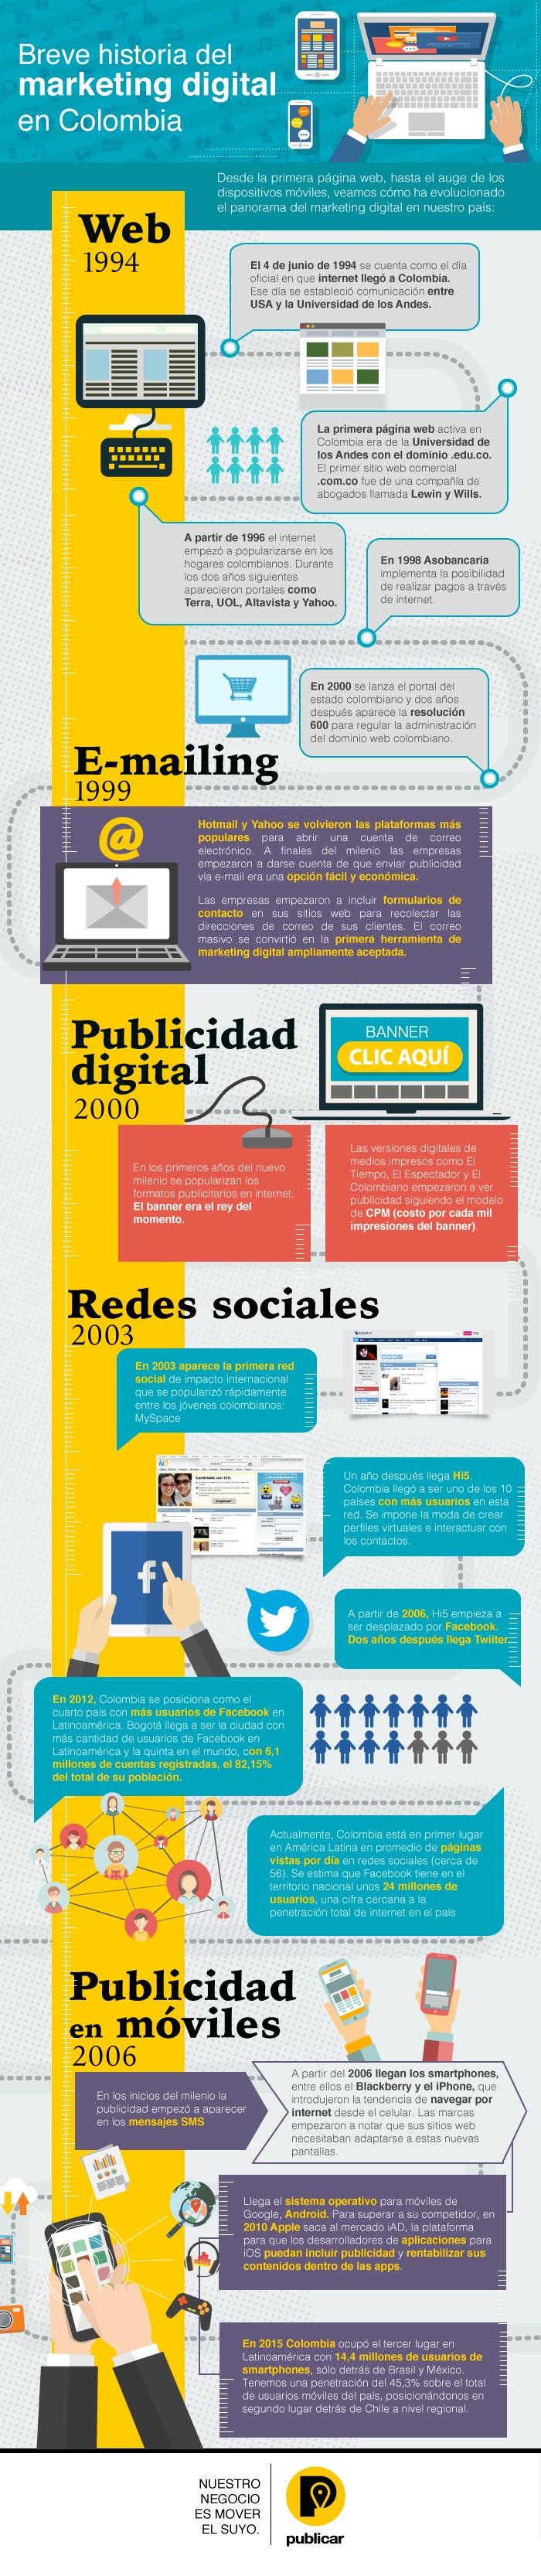 Historia del Marketing Digital en Colombia